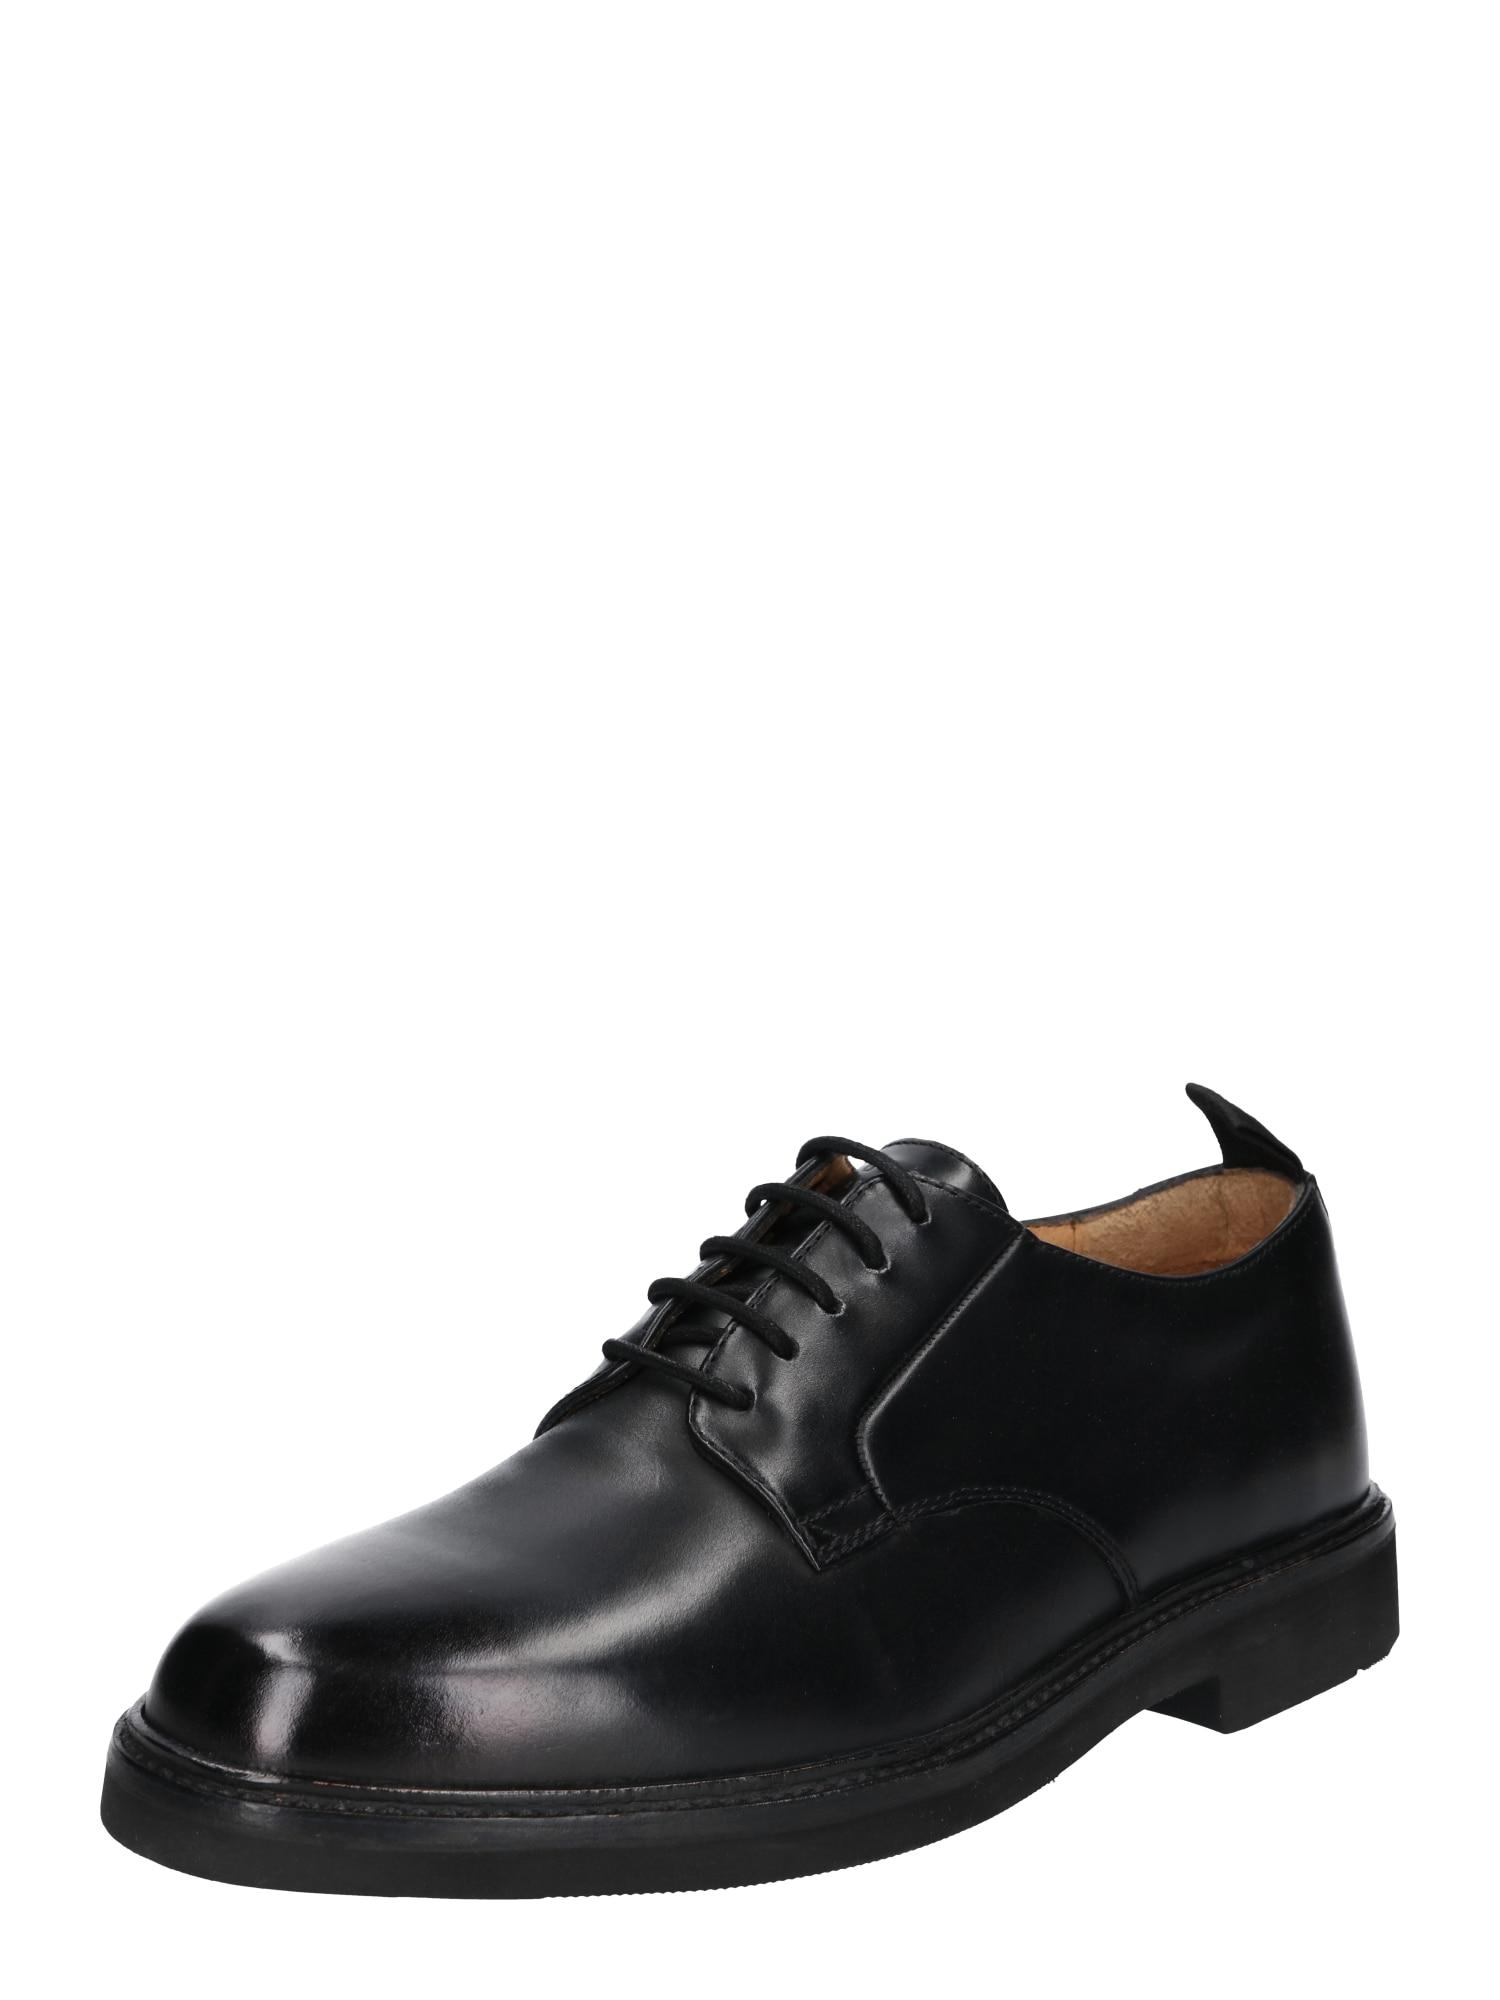 Šněrovací boty Sennen leather černá Hudson London